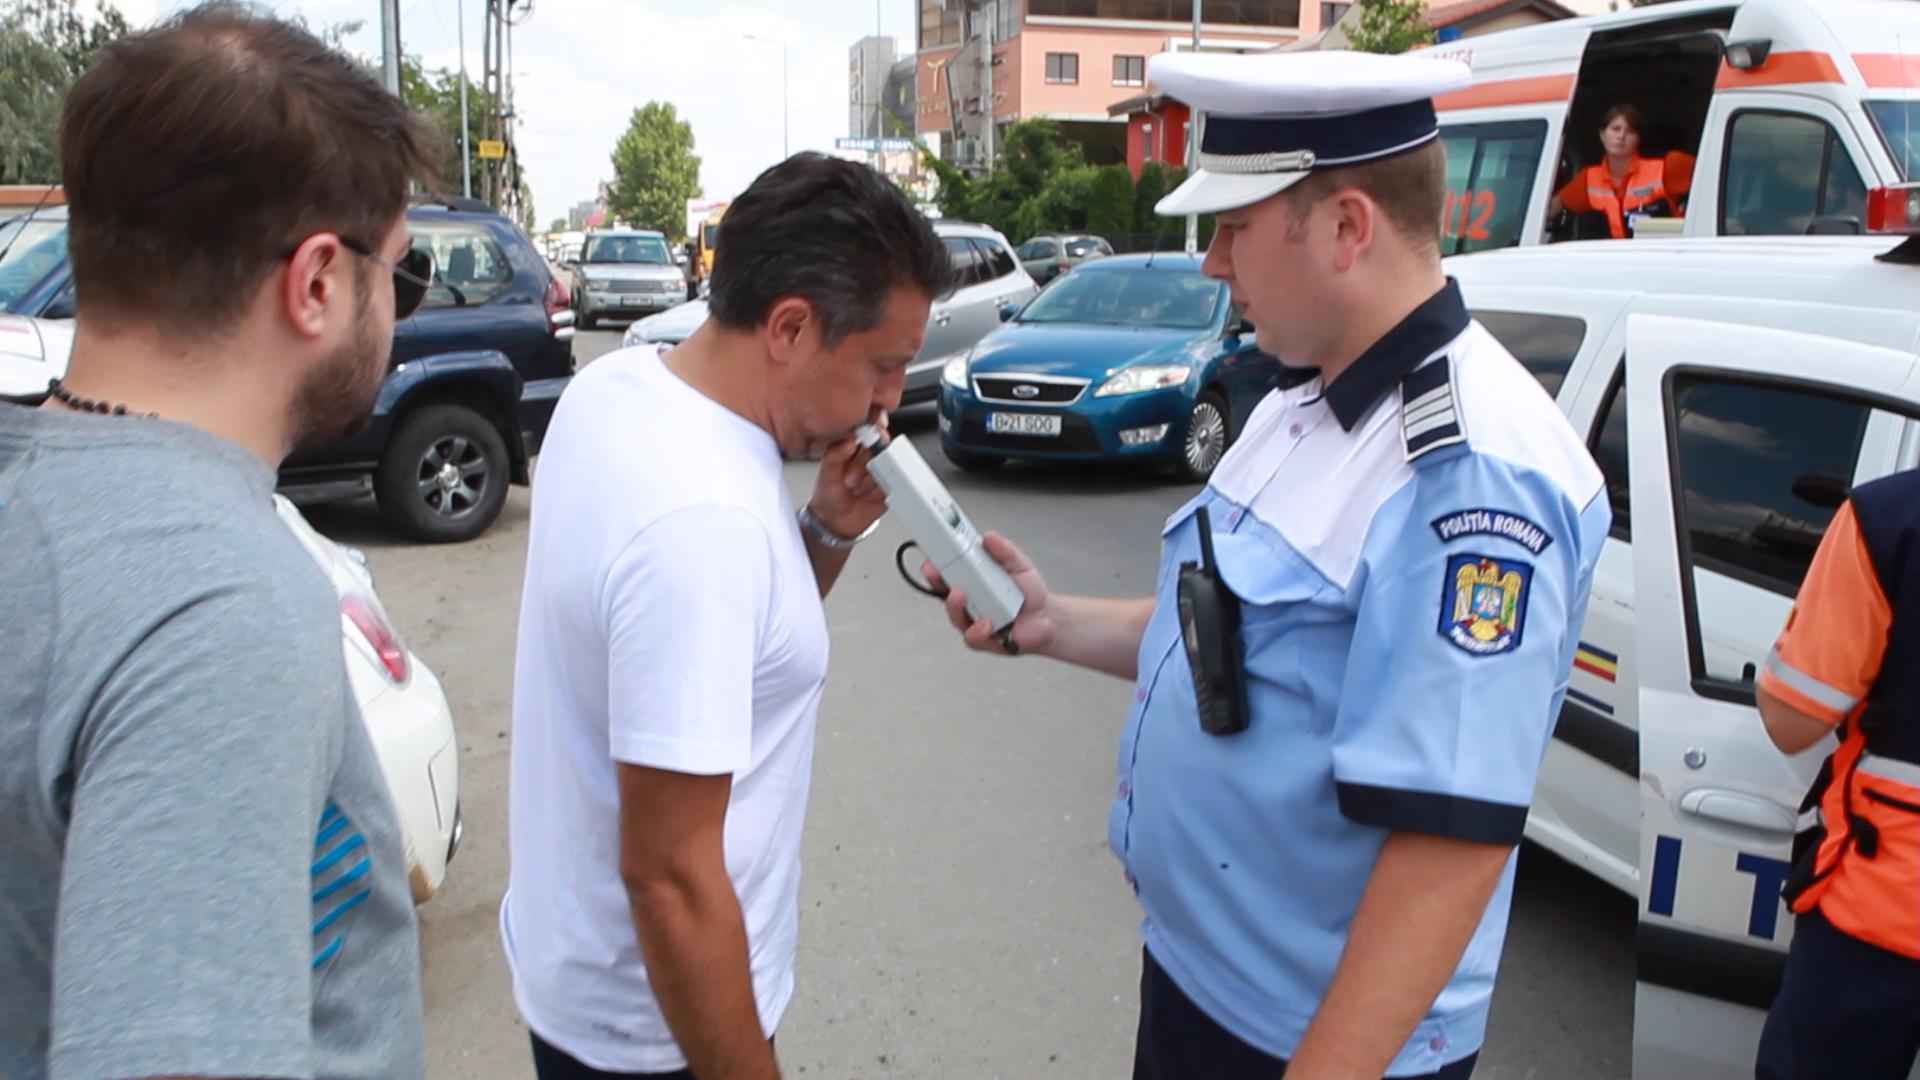 Florin Soian, cel mai bun prieten al lui Marica din Romania, s-a oferit sa-l ajute pe amicul fotbalistului din Germania